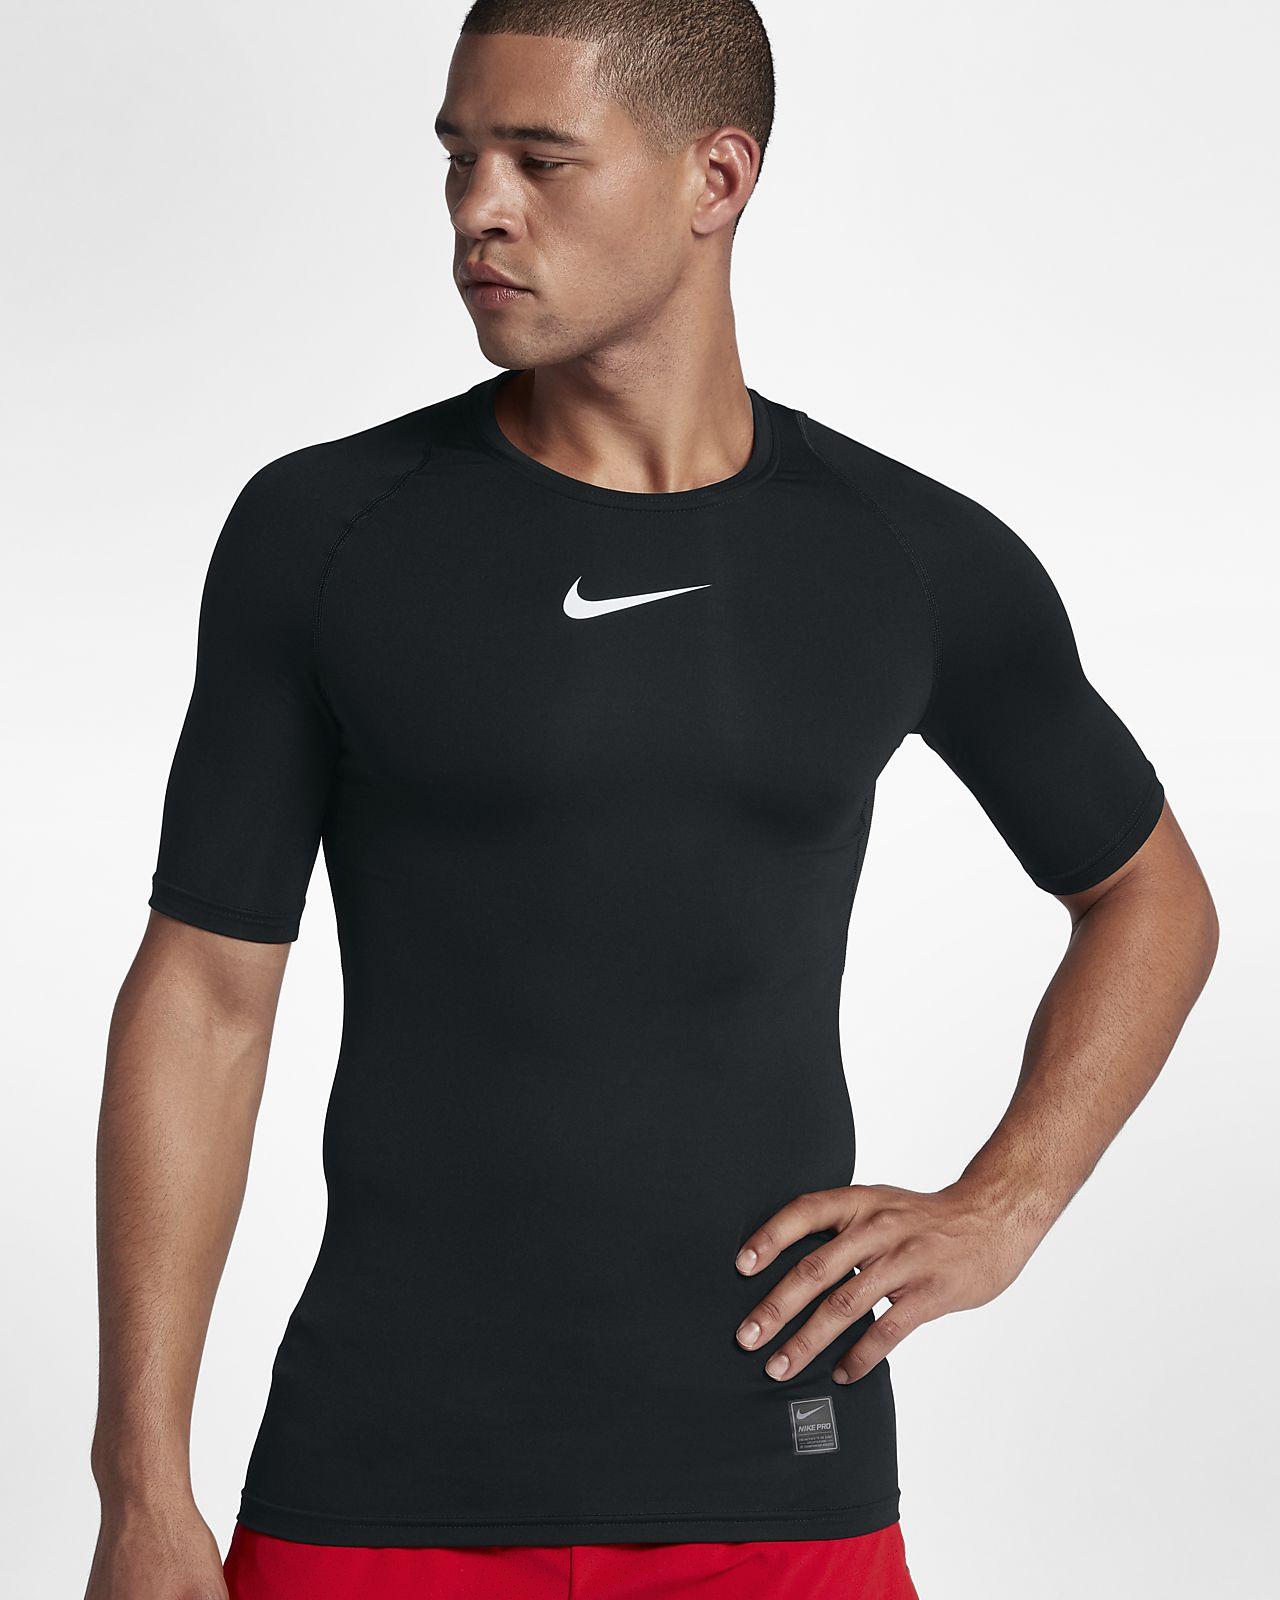 เสื้อเทรนนิ่งแขนสั้นผู้ชาย Nike Pro